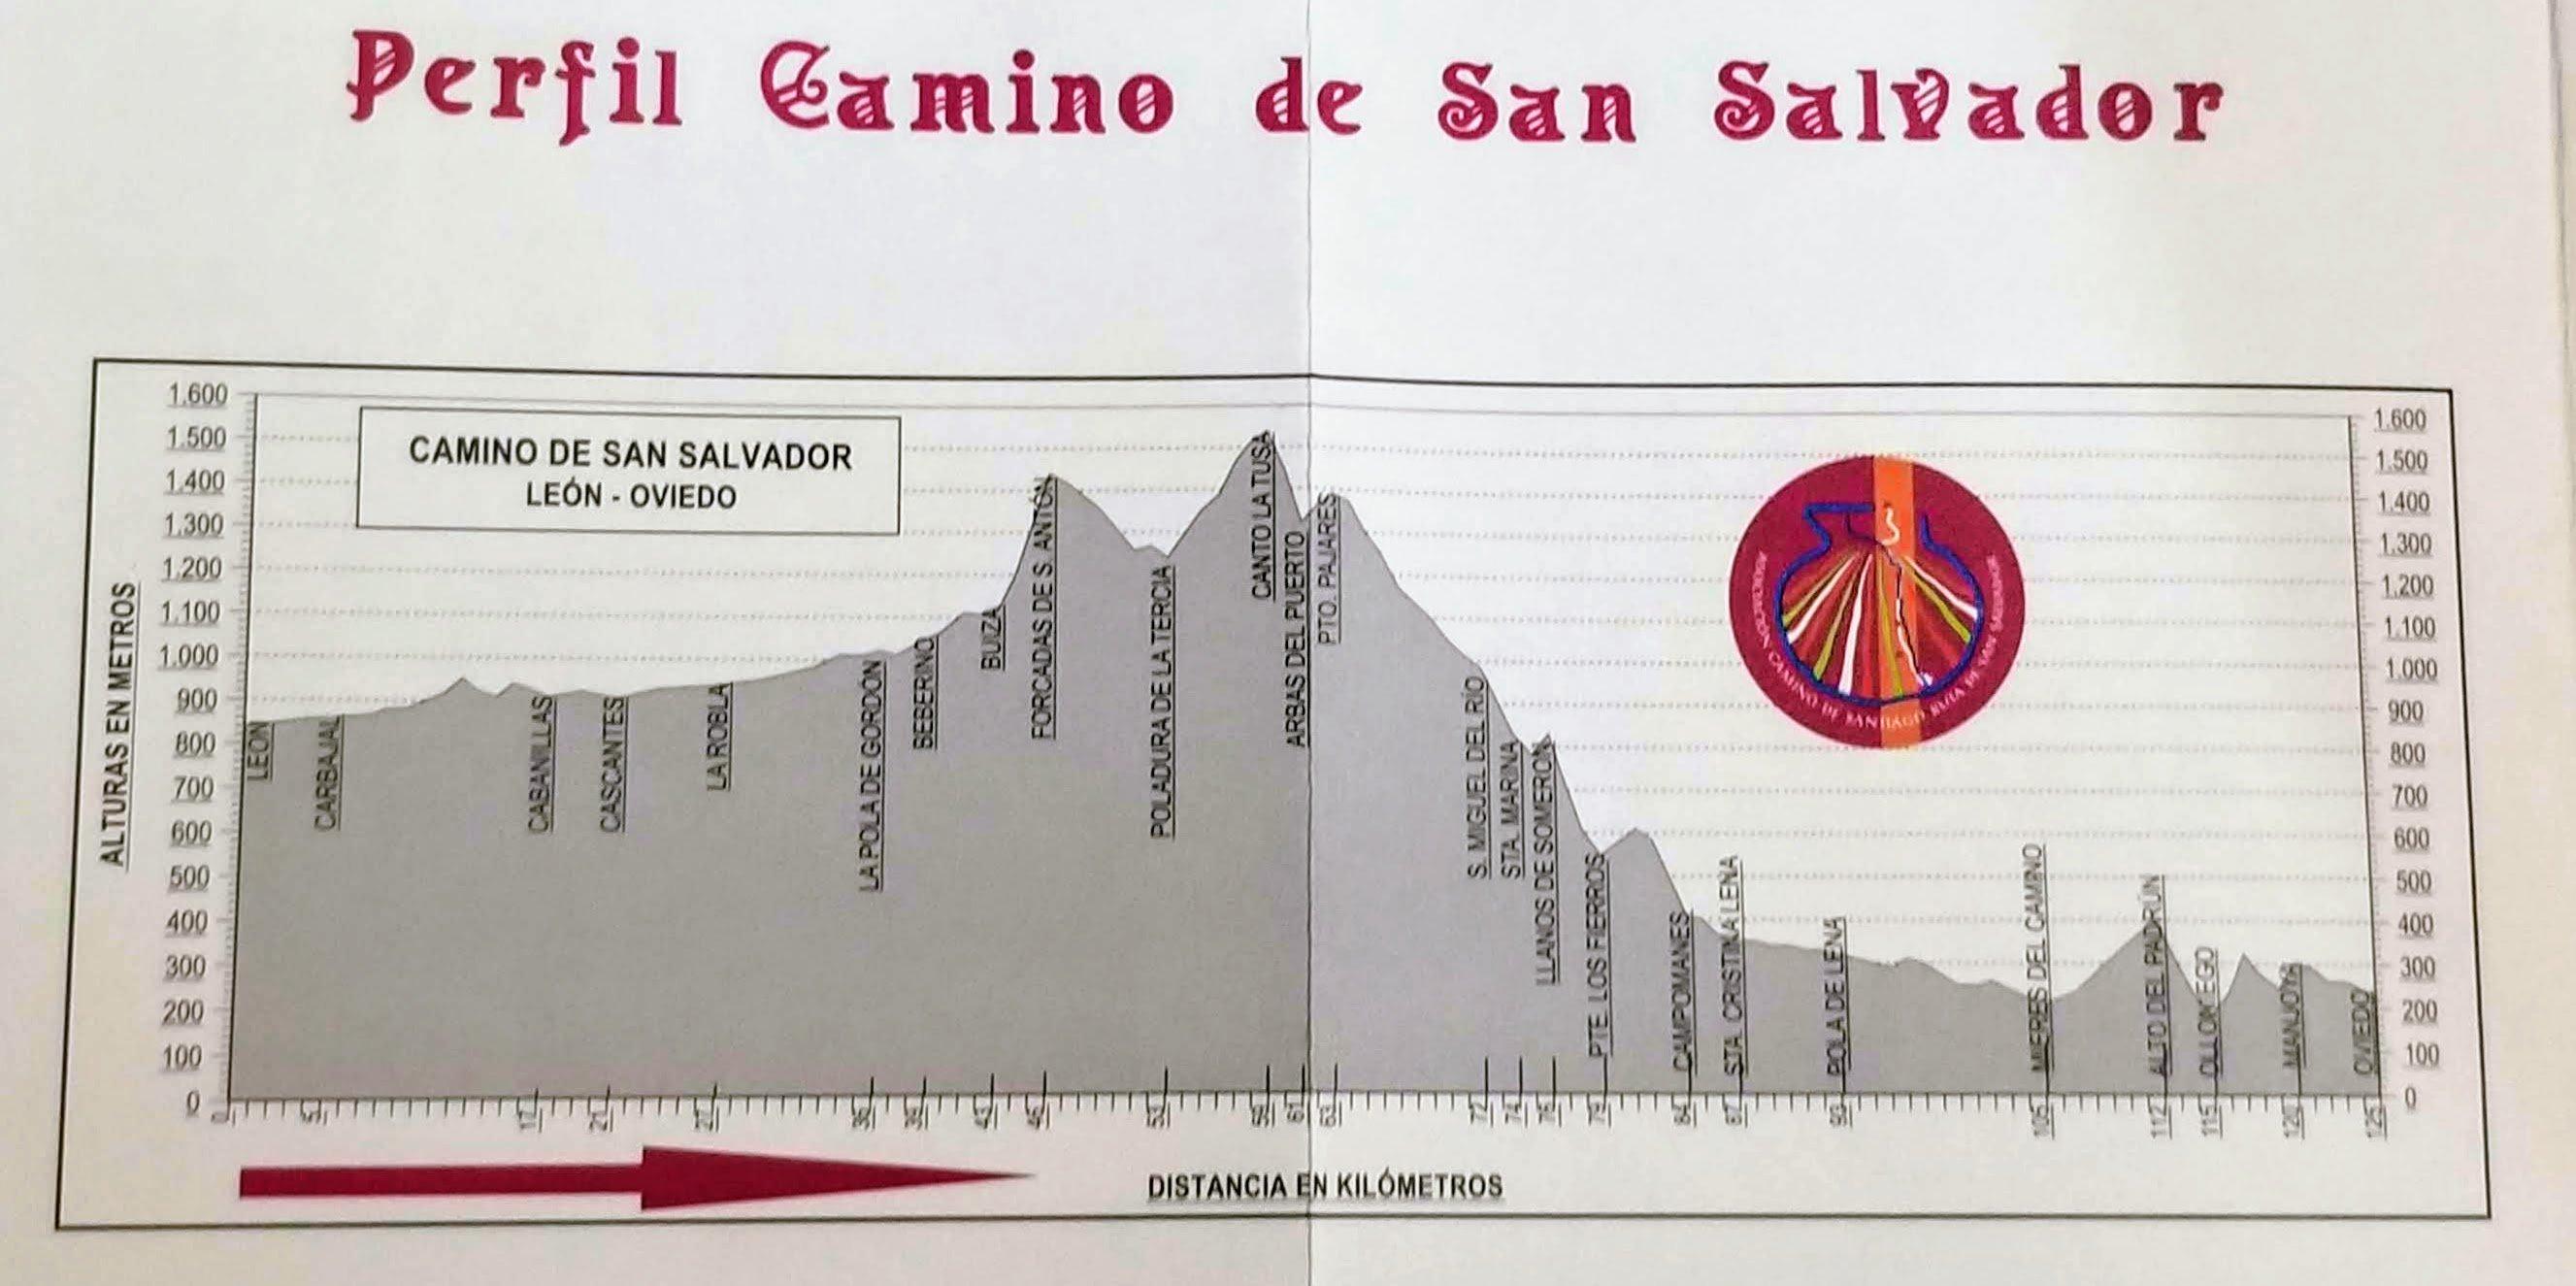 Elevation Profile Camino San Salvador Entire Route